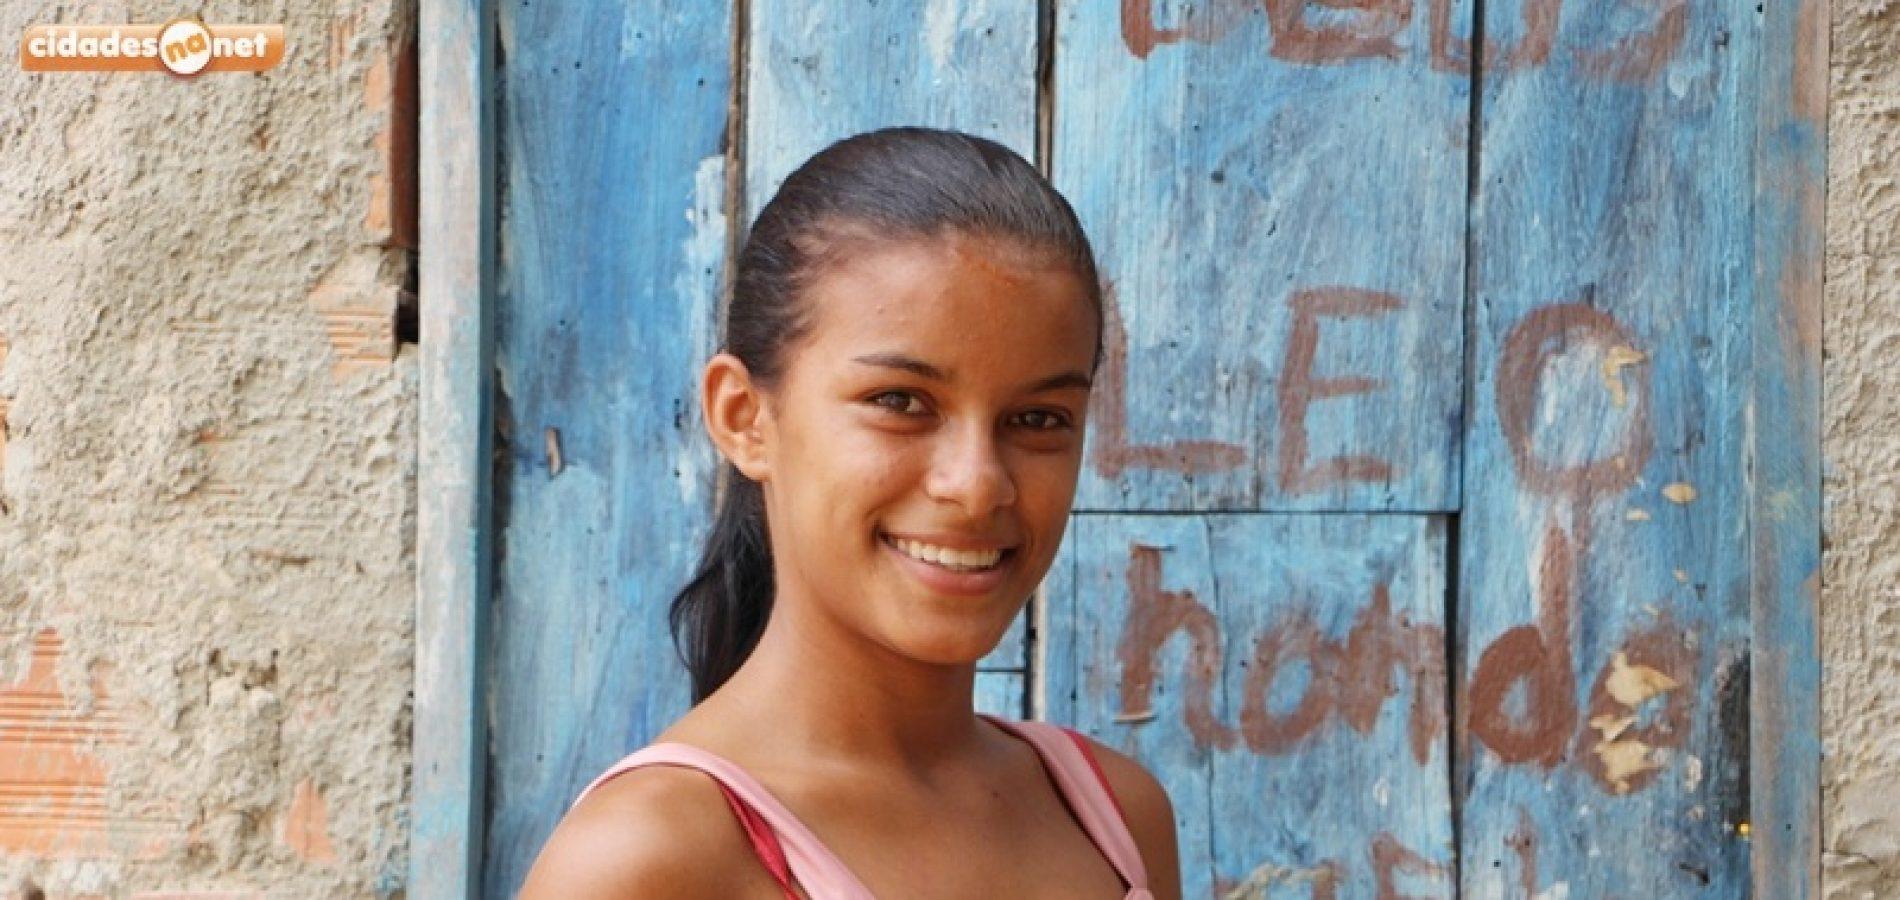 Contraste entre a dura realidade e o sonho de ser atleta: a história de Marisol, jaicoense que já venceu corrida rústica seis vezes